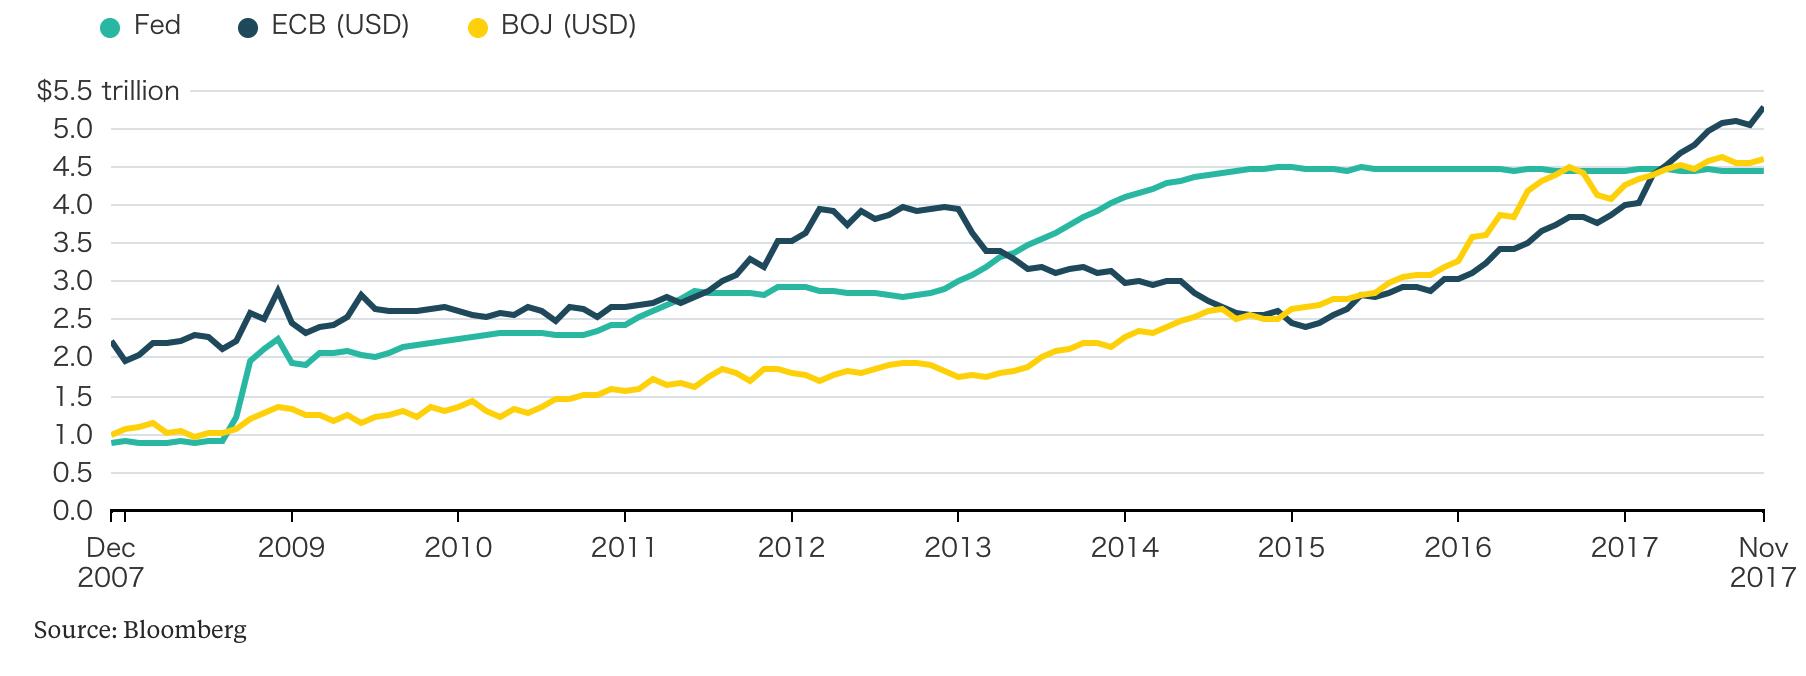 FED, ECB and BOJ, Dec 2007 - Nov 2017